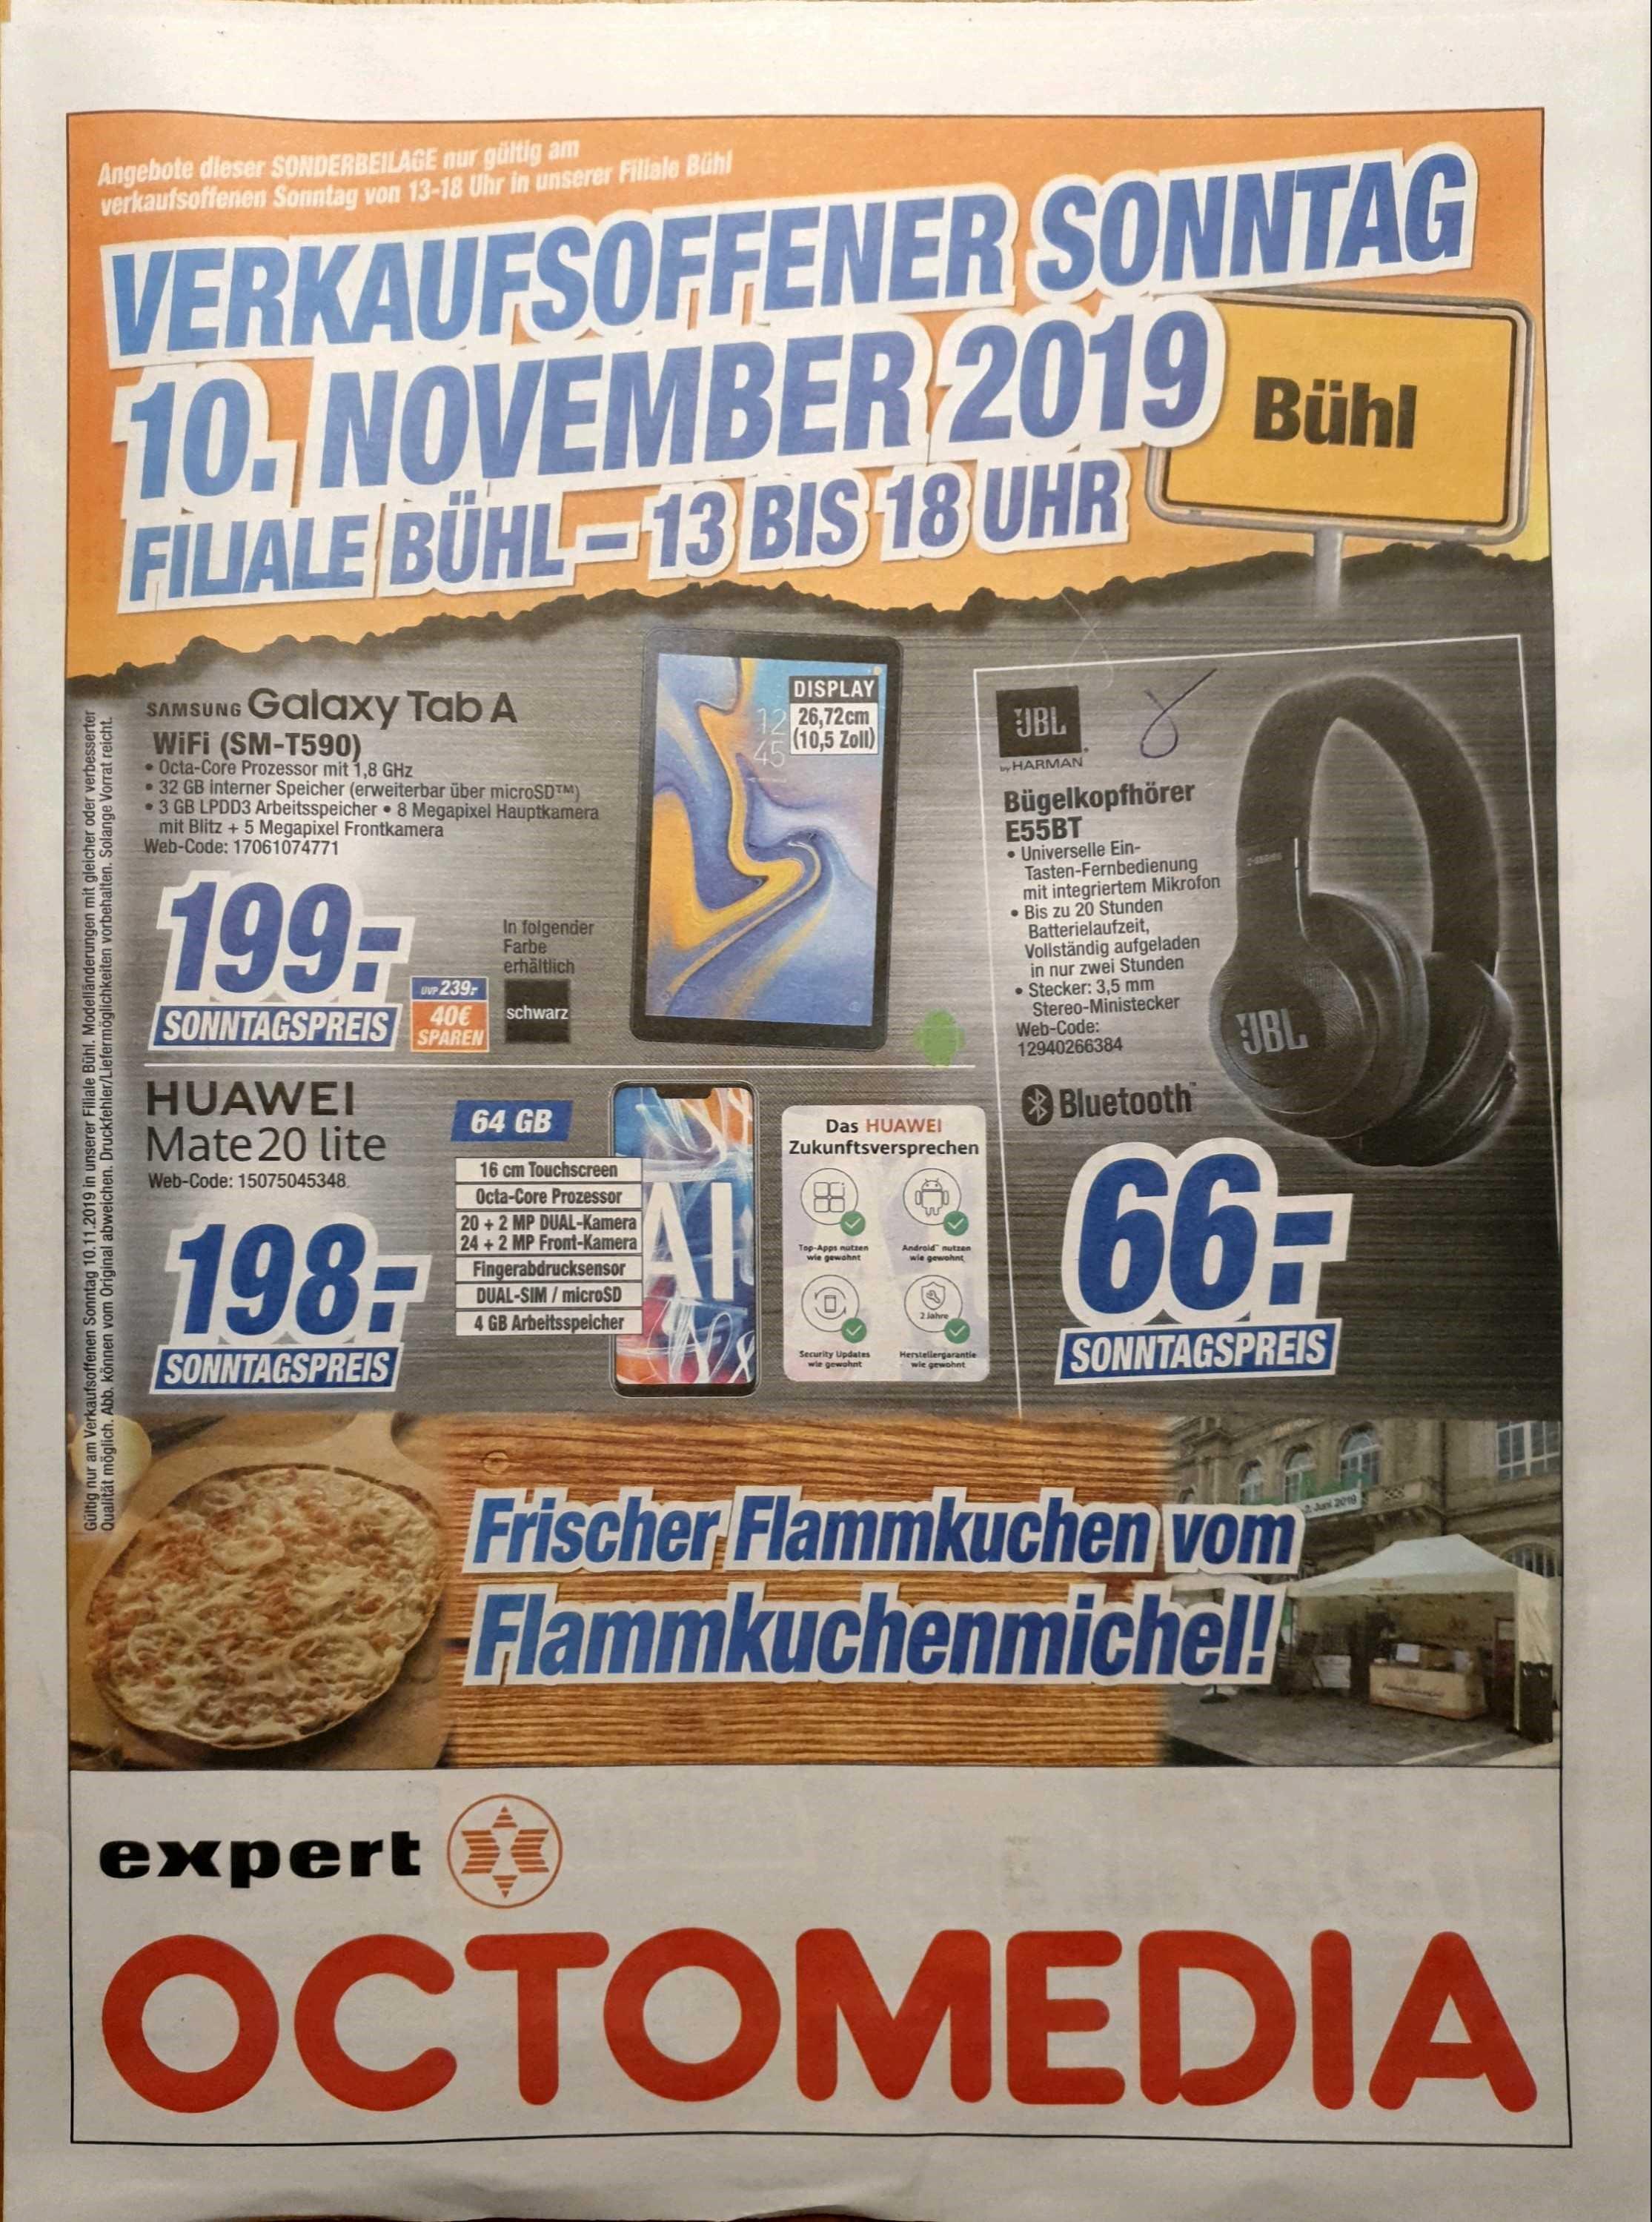 [lokal Octomedia Expert Bühl] Sammeldeal - Verkaufsoffener Sonntag 10.11.2019 ; z.B. Bosch WAT 28590 A+++ 8kg statt PVG 539 € für 444€